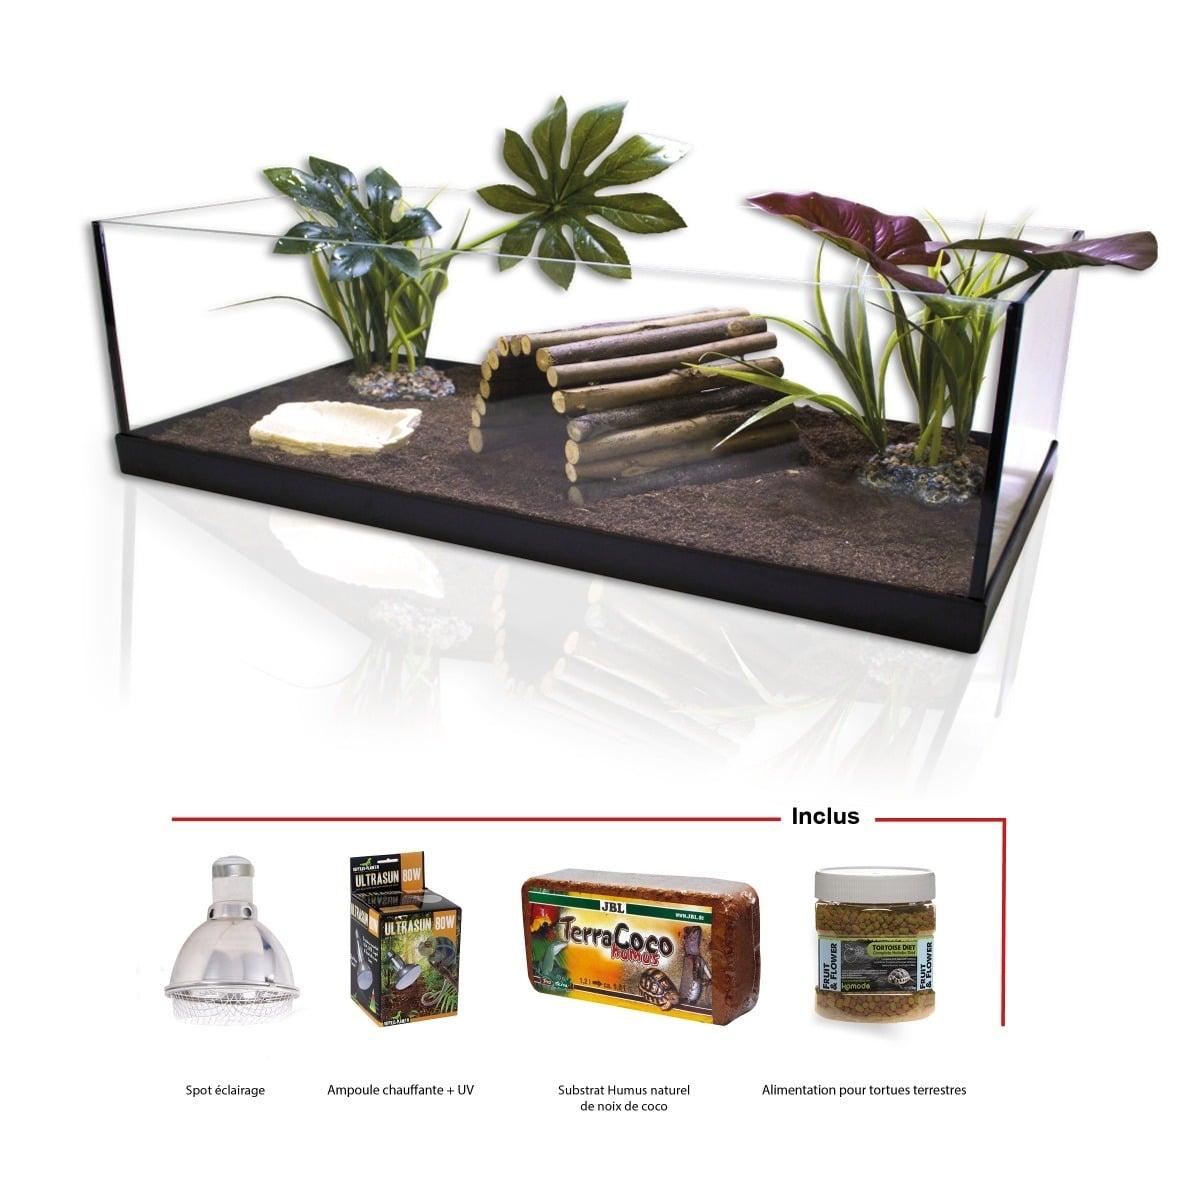 AQUAVIE Kit Tortue Terrestre 80 prêt à l\'emploi tout équipé avec éclairage Reptiles Planet